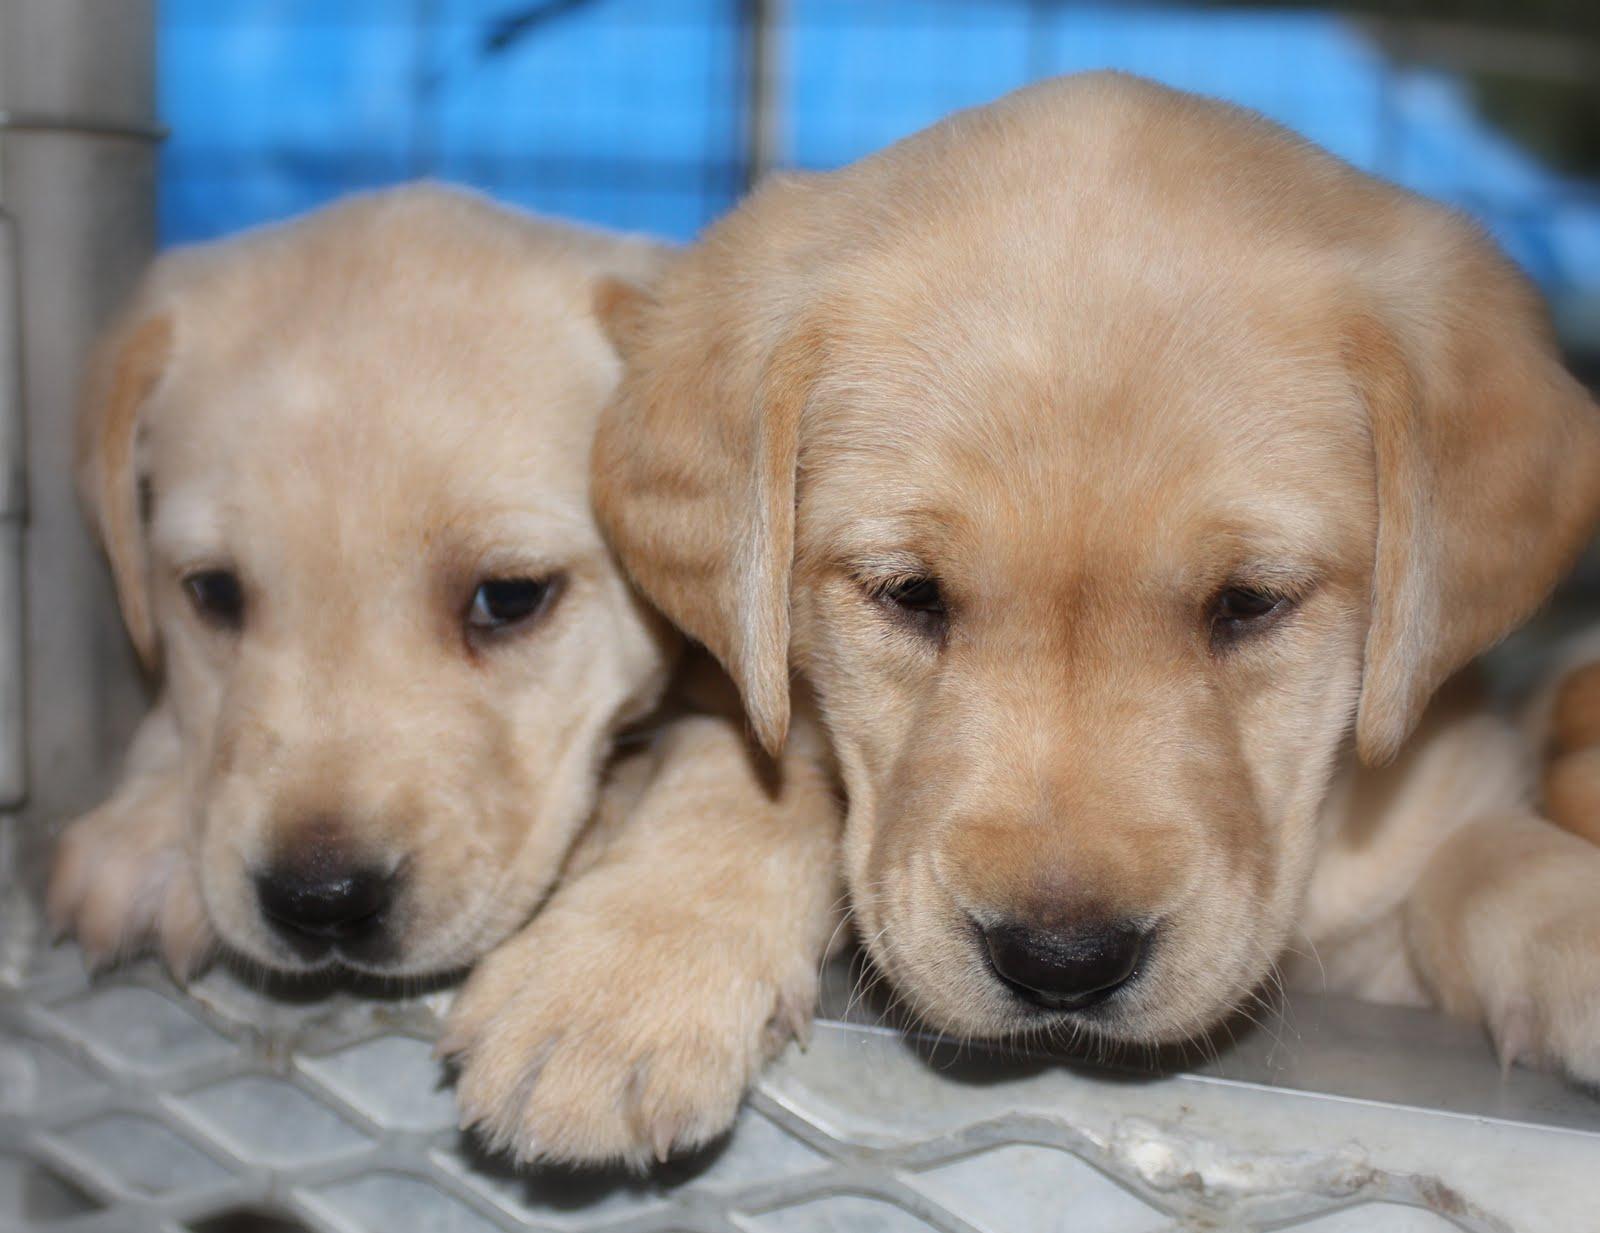 922026 Yellow Labrador Retriever Puppies 922068 Yellow Labrador 1600x1233